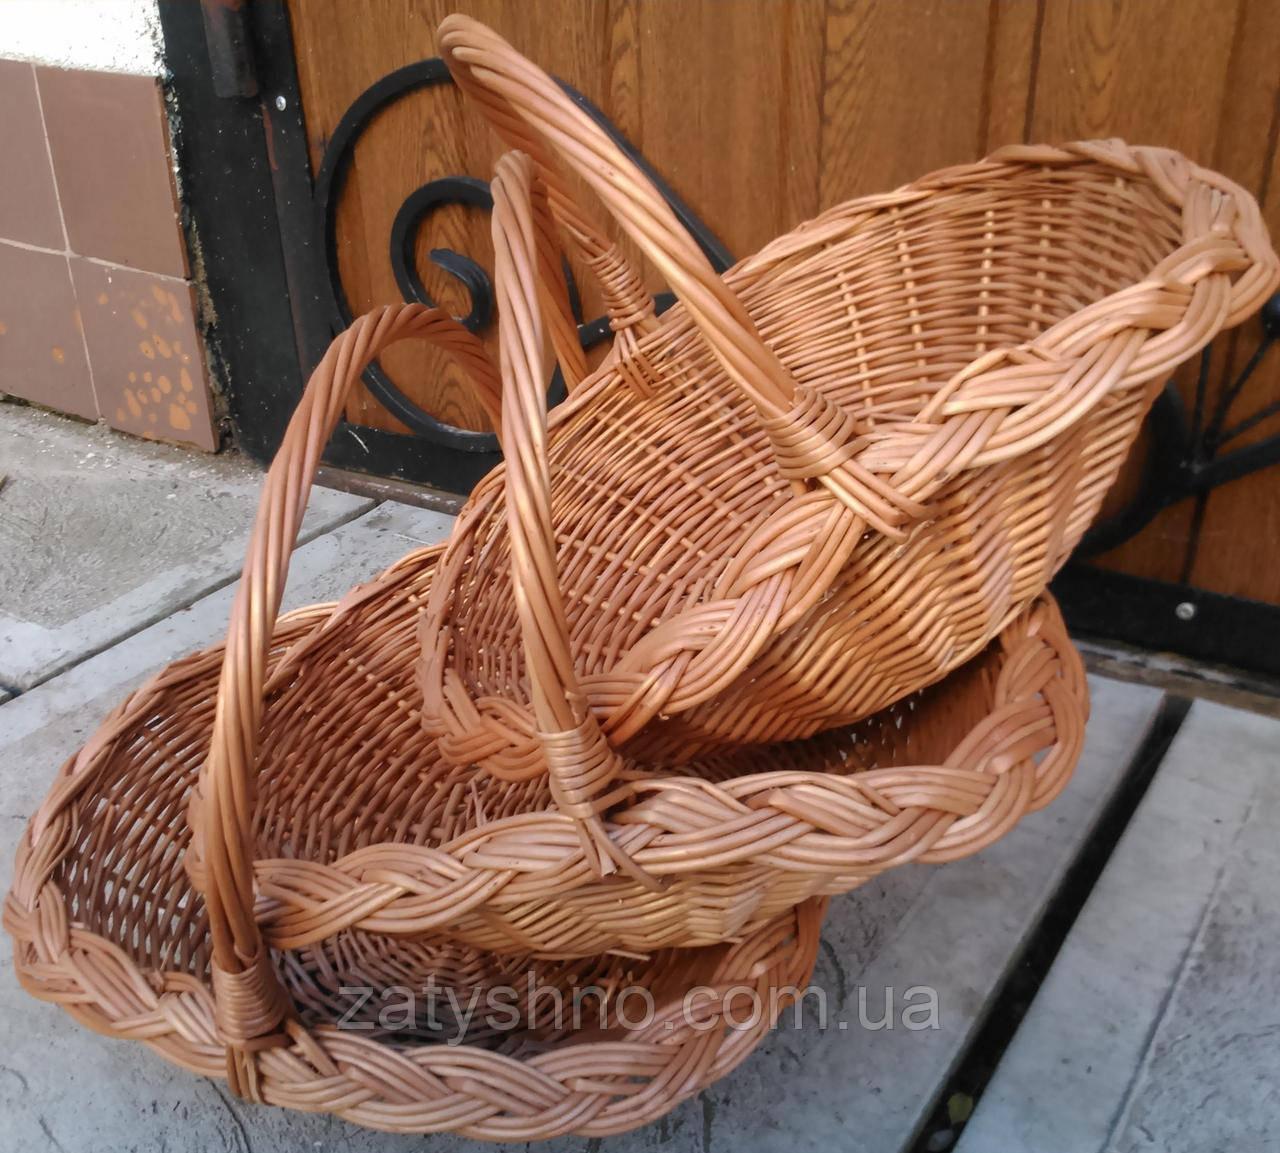 Набор плетеных корзин от производителя